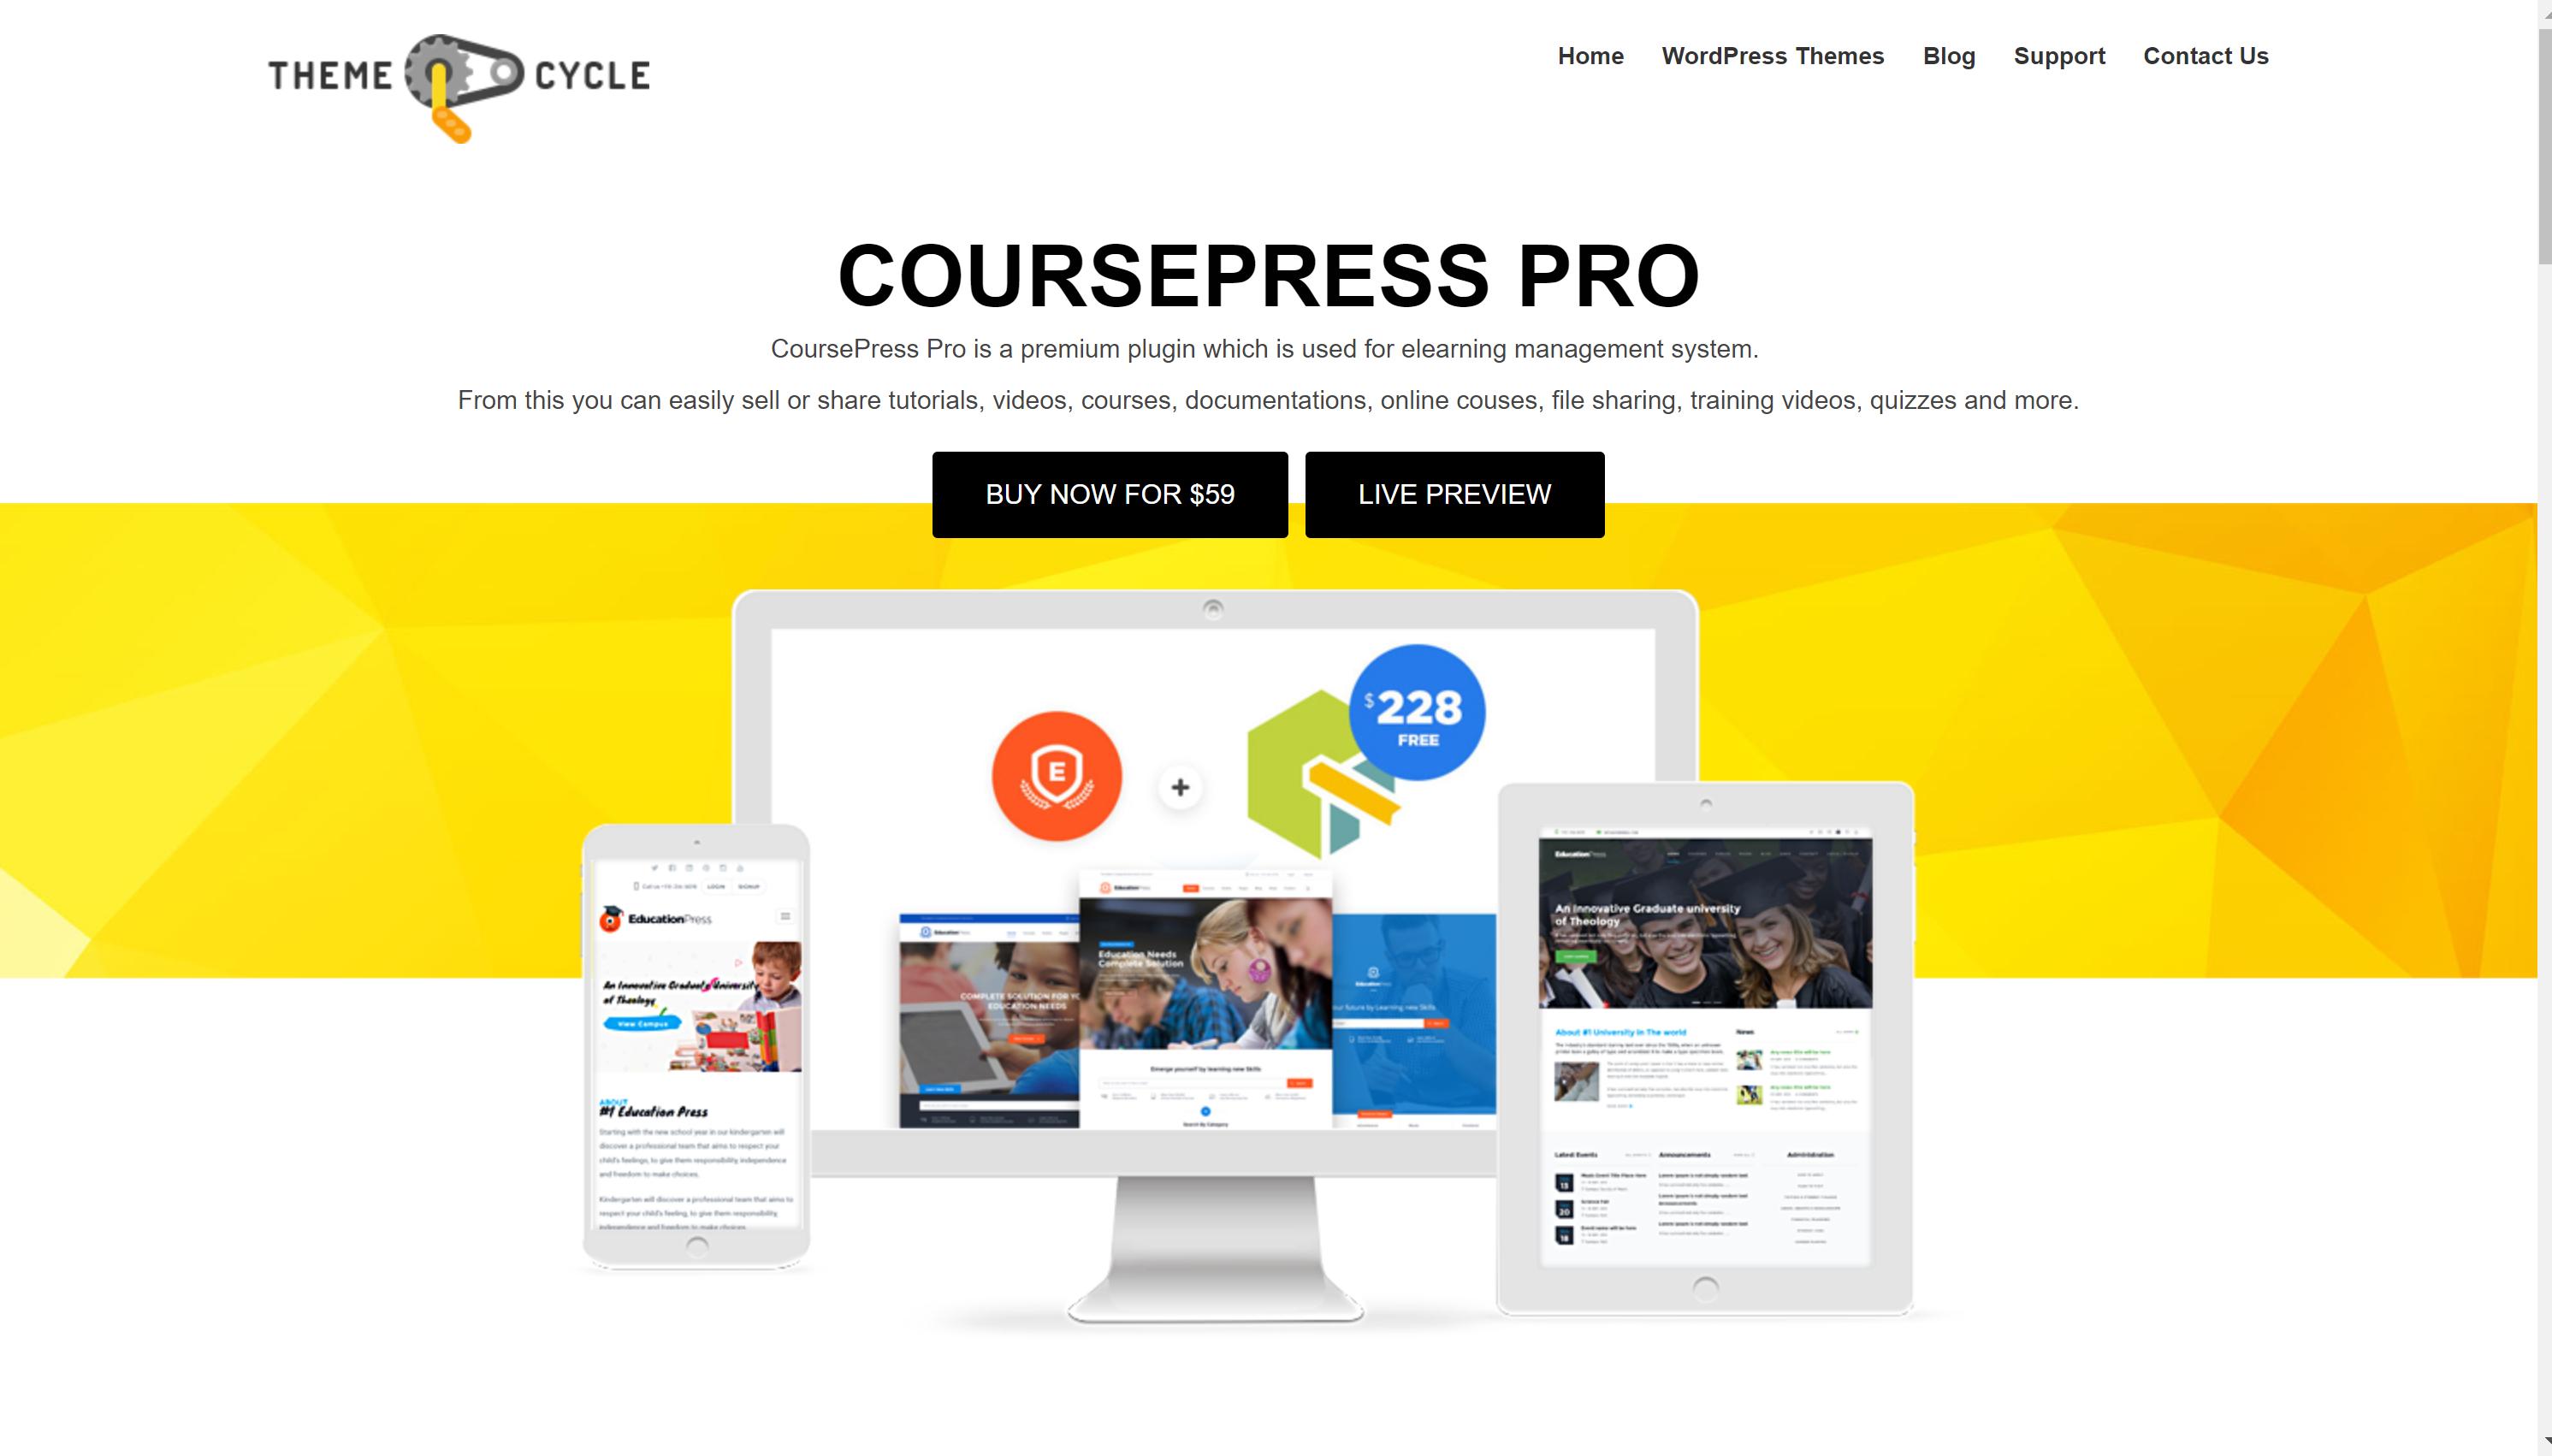 CoursePro plugin